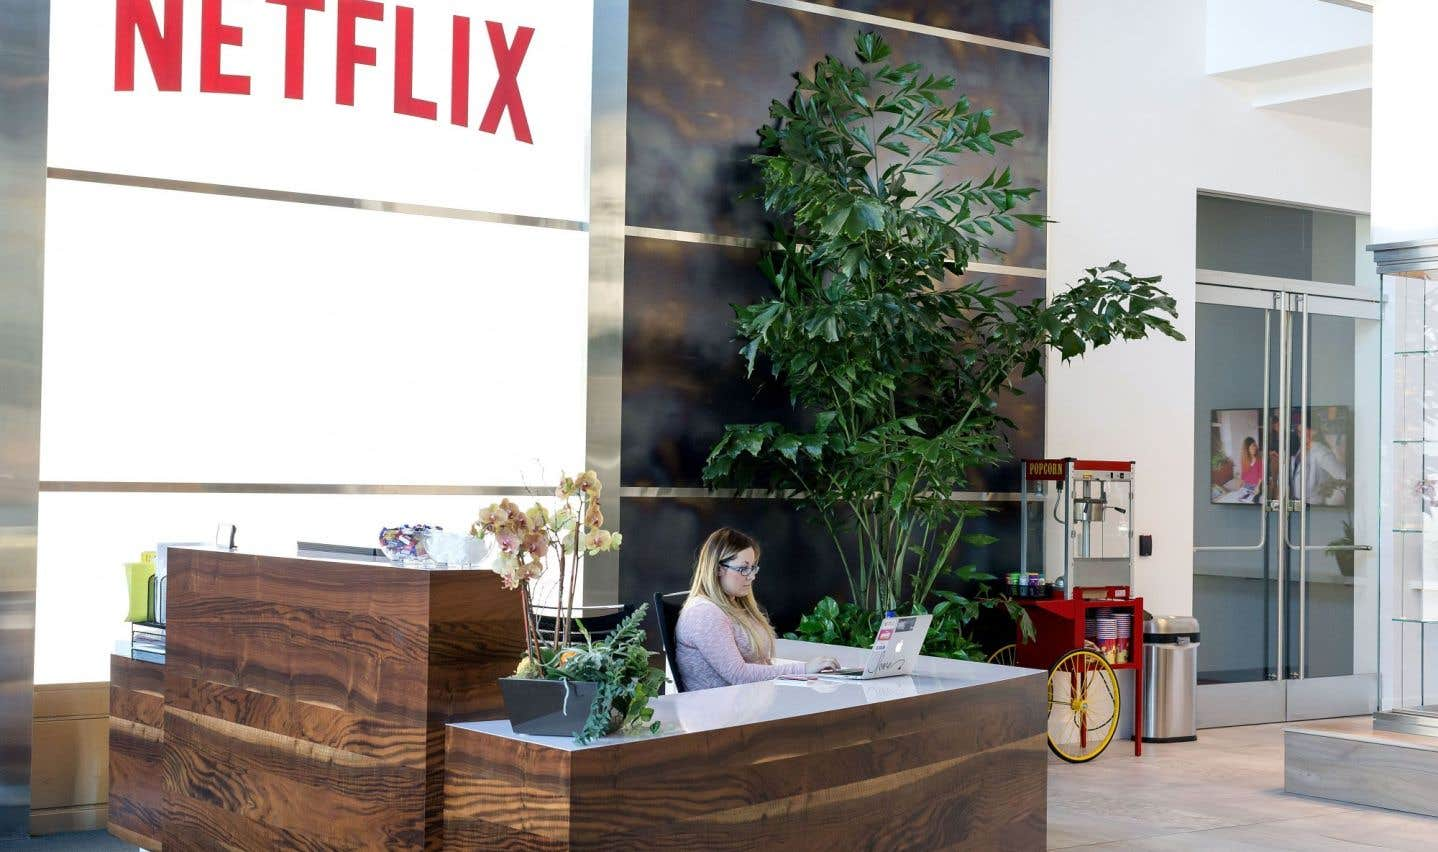 Bientôt 100 millions d'abonnés pour Netflix